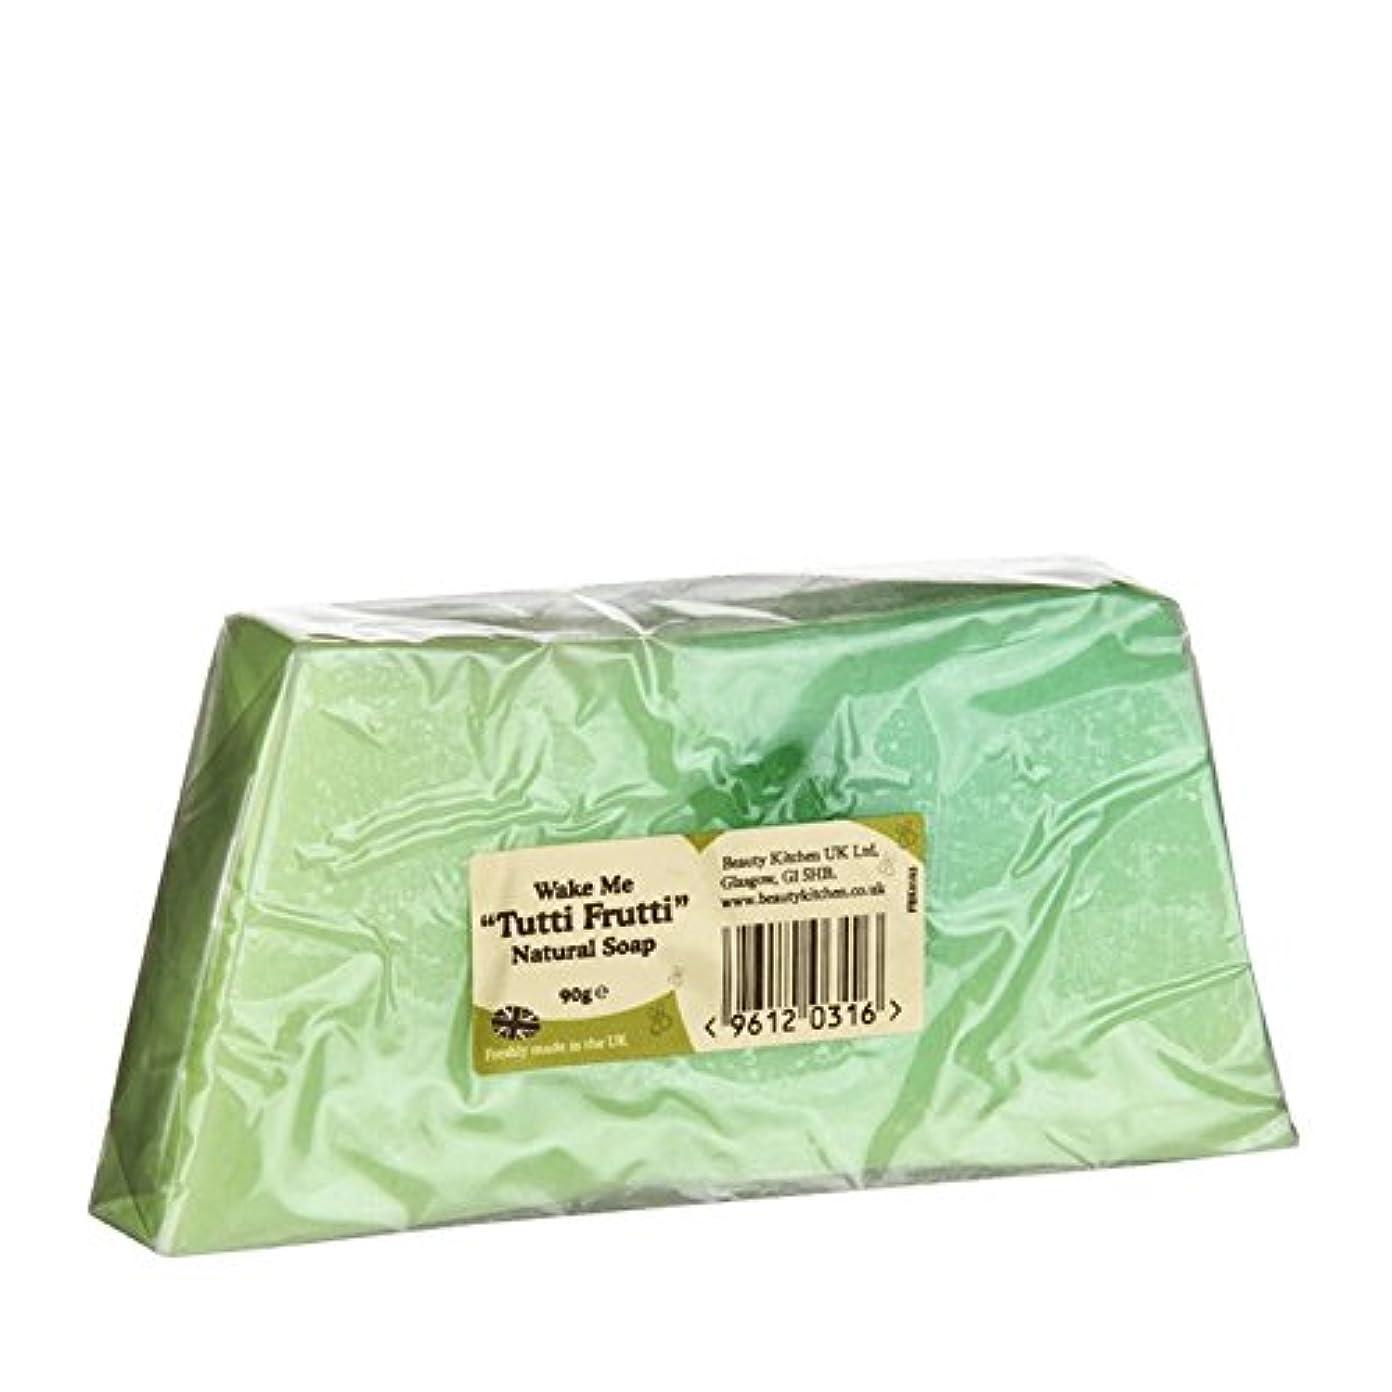 風変わりな含める増幅Beauty Kitchen Wake Me Tutti Frutti Natural Soap 90g (Pack of 2) - 美しさのキッチンは私トゥッティフルッティの天然石鹸90グラムウェイク (x2) [並行輸入品]